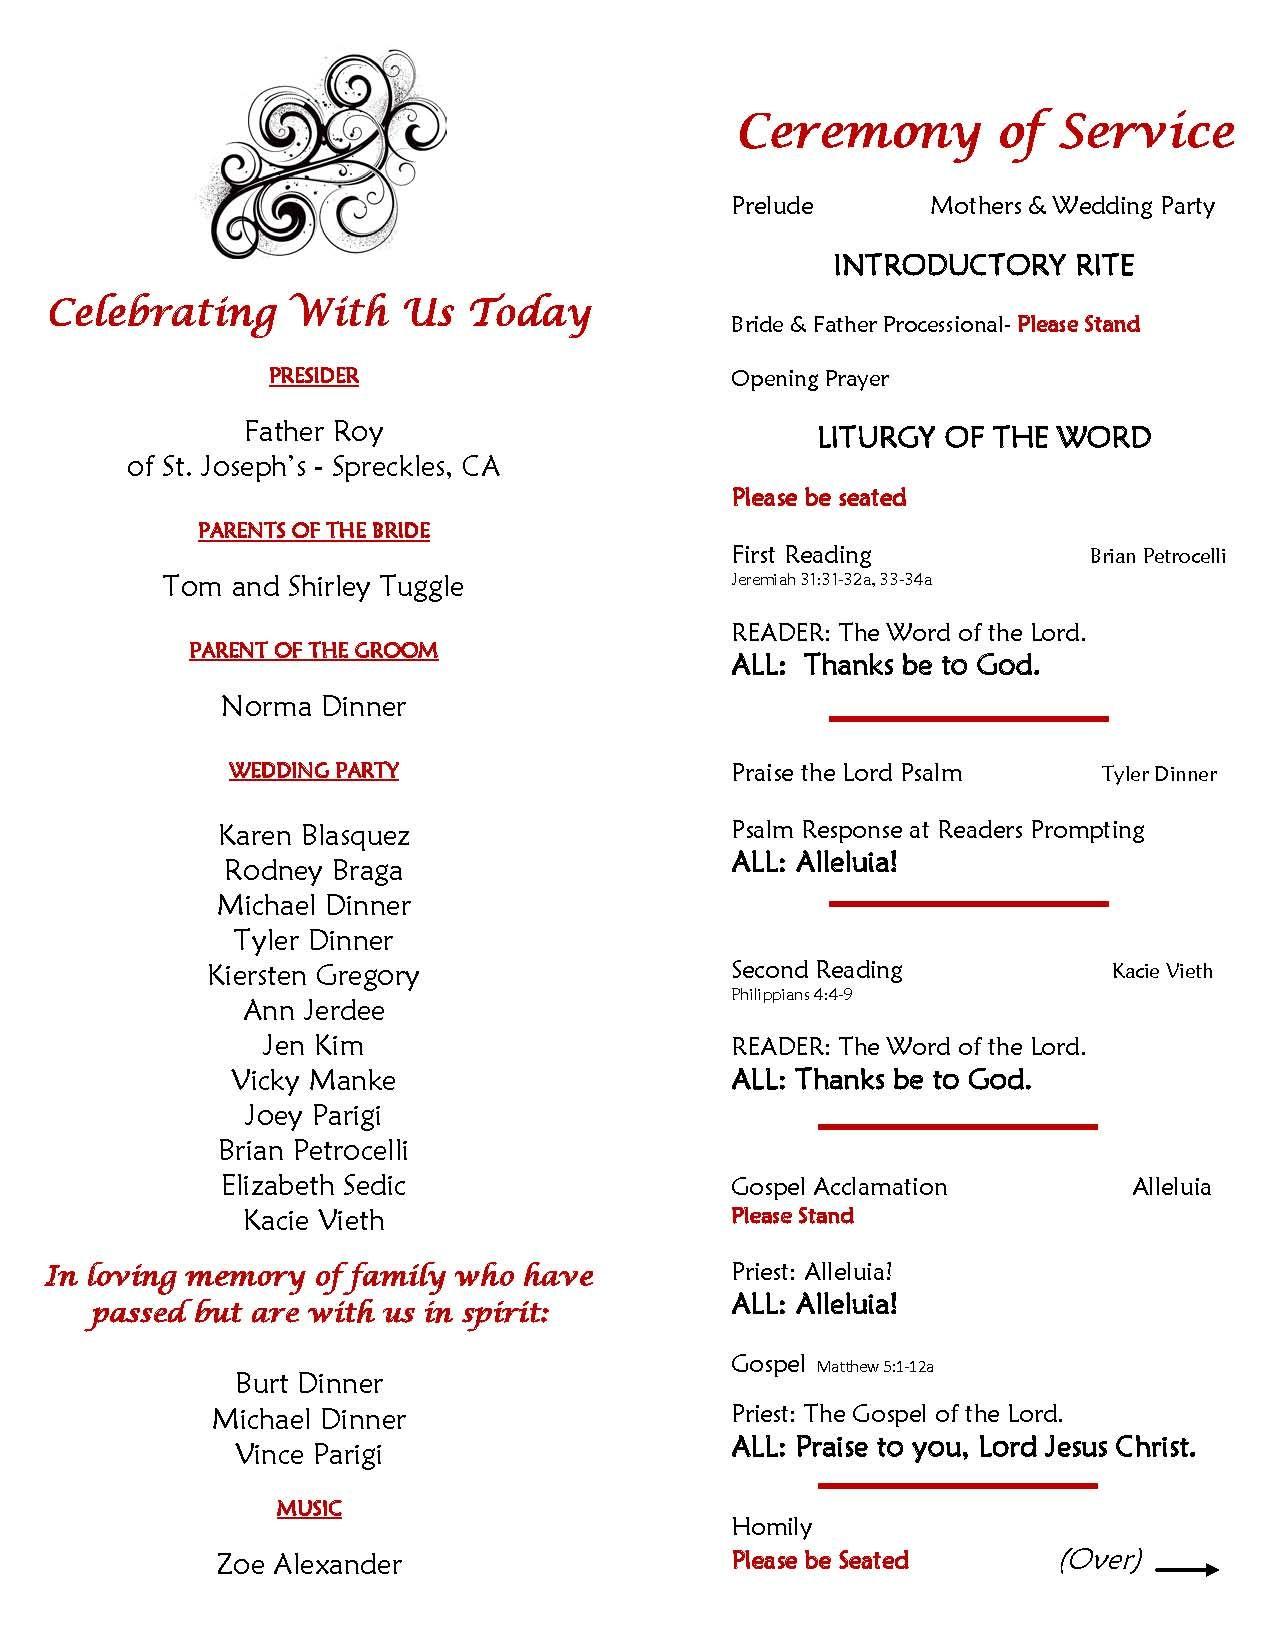 Catholic Wedding Ceremony Program Sample Page 2 Inside Of